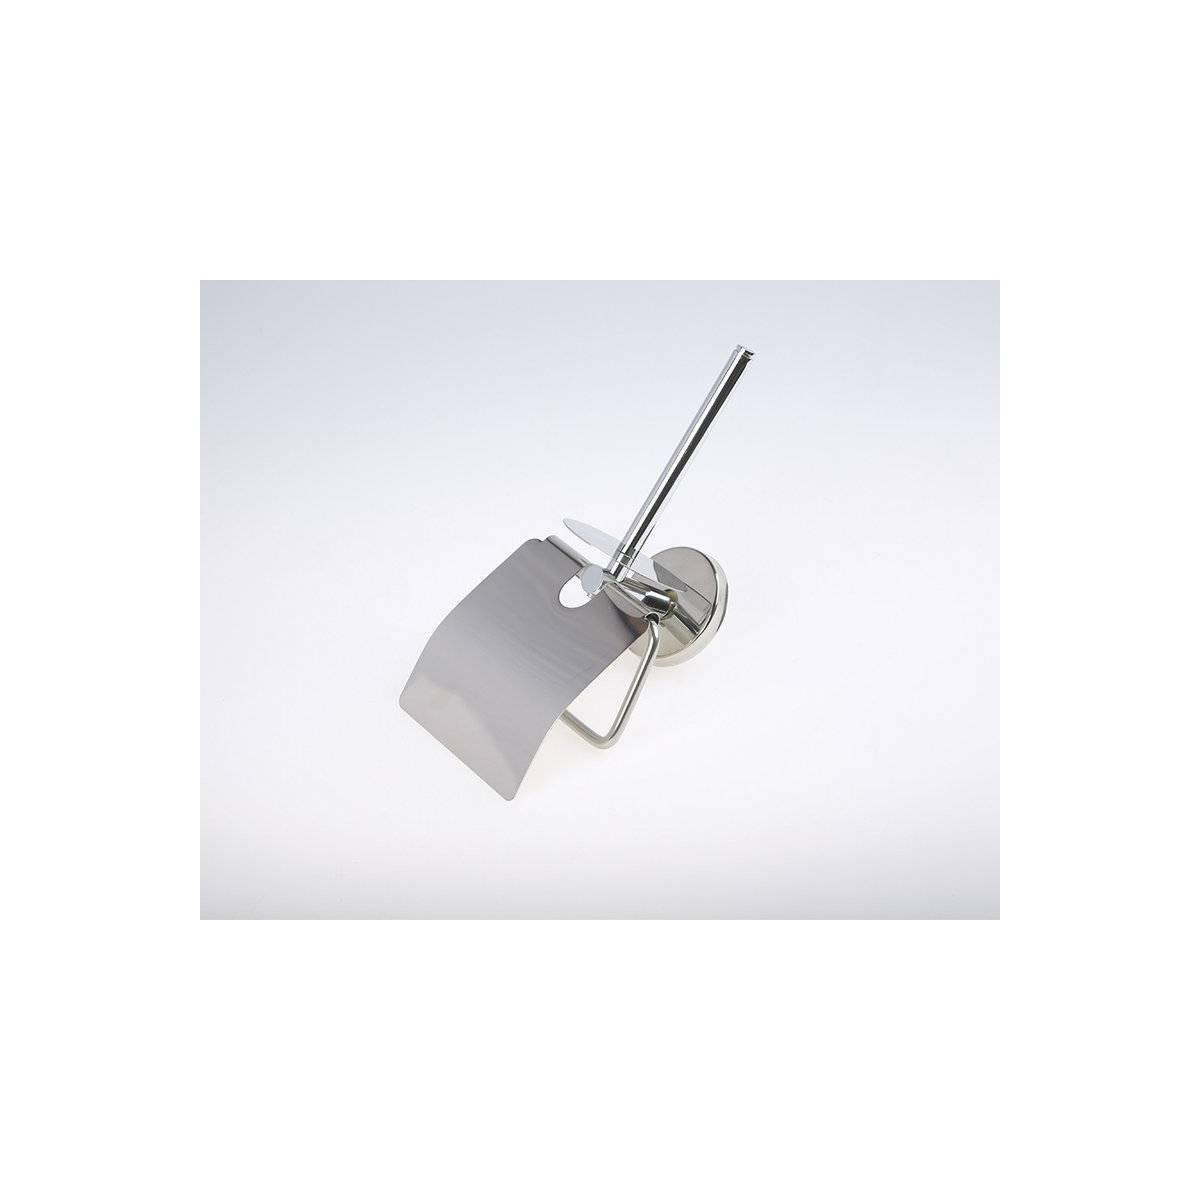 Держатель бумаги туалетной с крышкой двойной, нержавеющая сталь (A.3610)